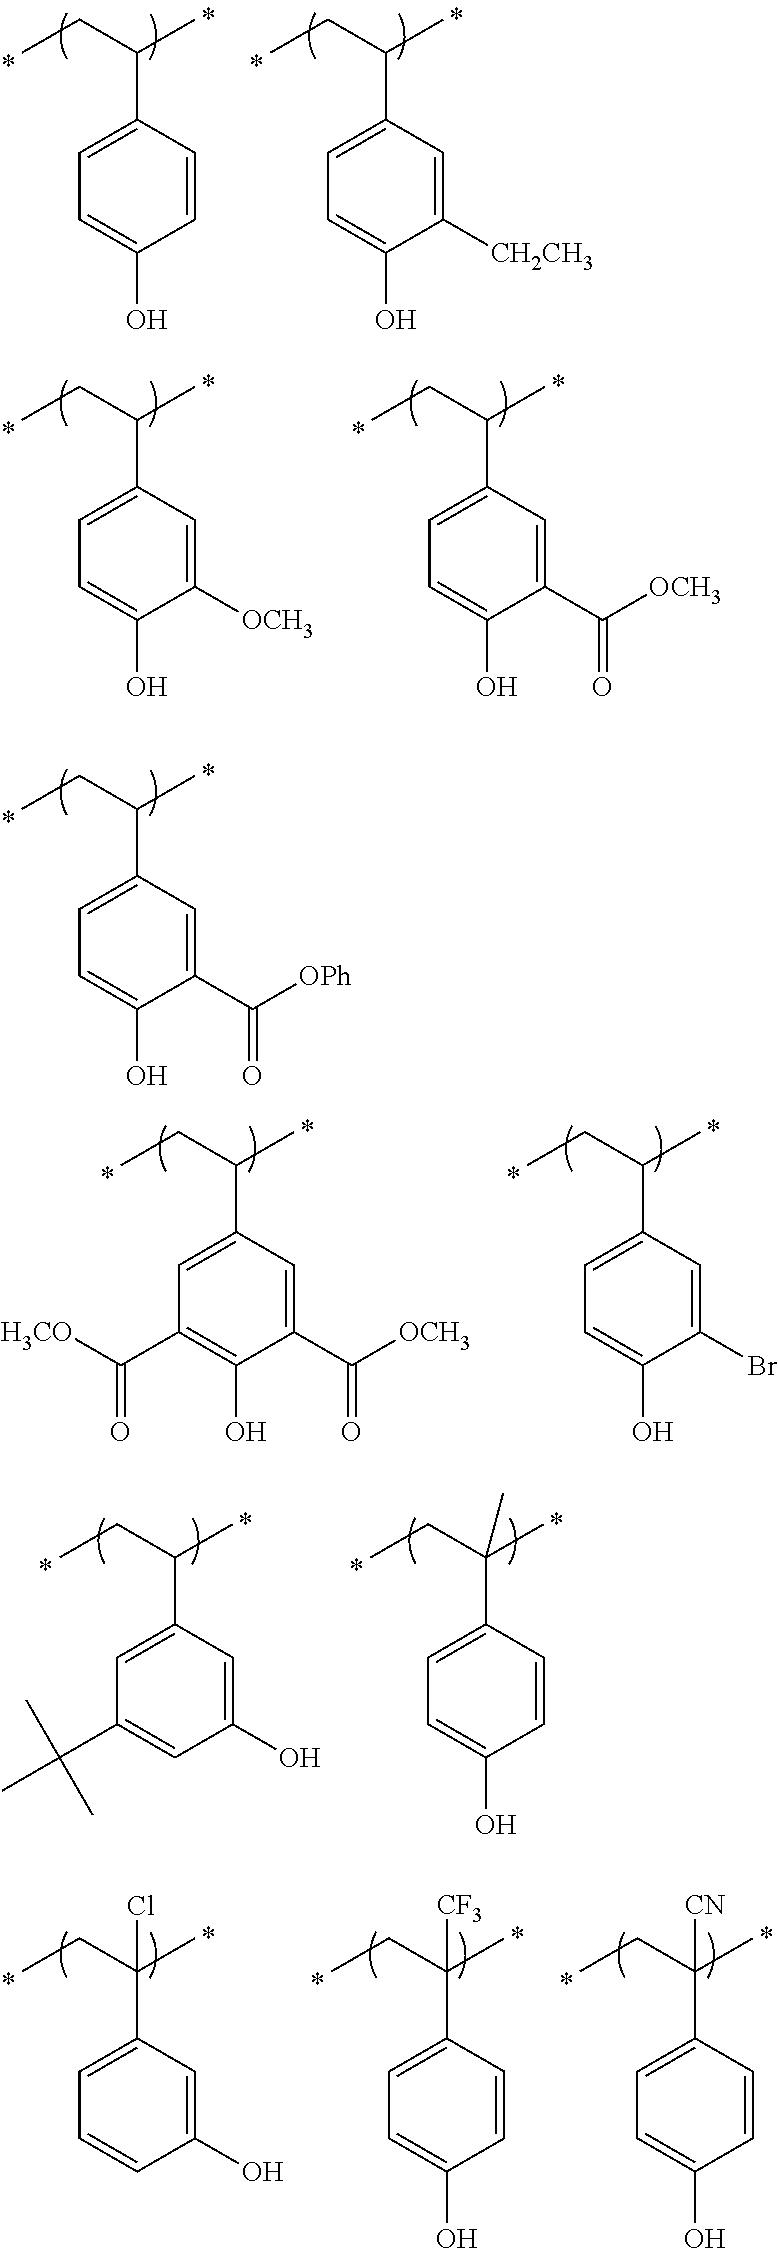 Figure US20110183258A1-20110728-C00065